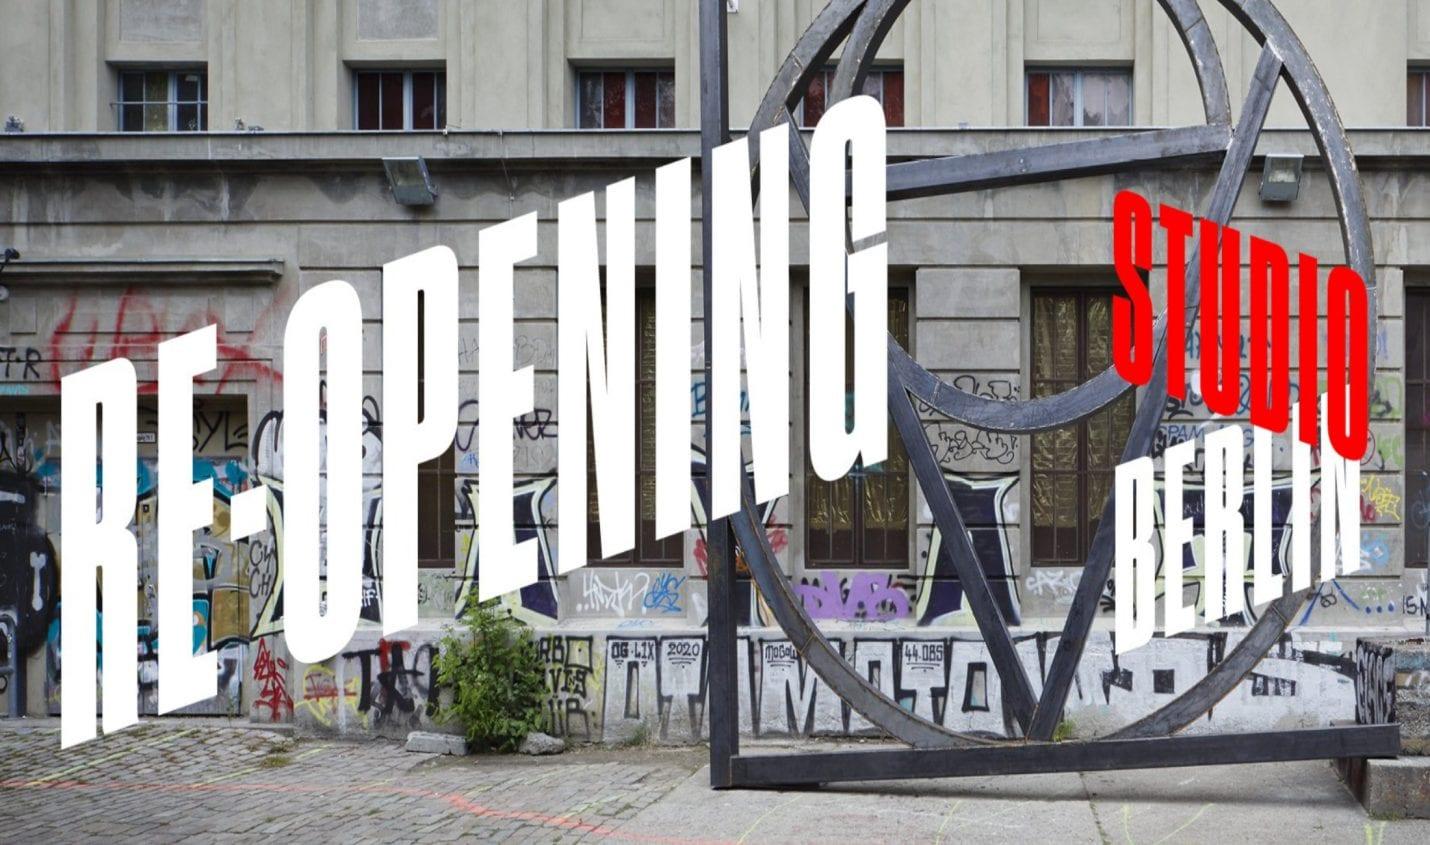 Berghain: Ausstellung 'Studio Berlin' hat wieder geöffnet